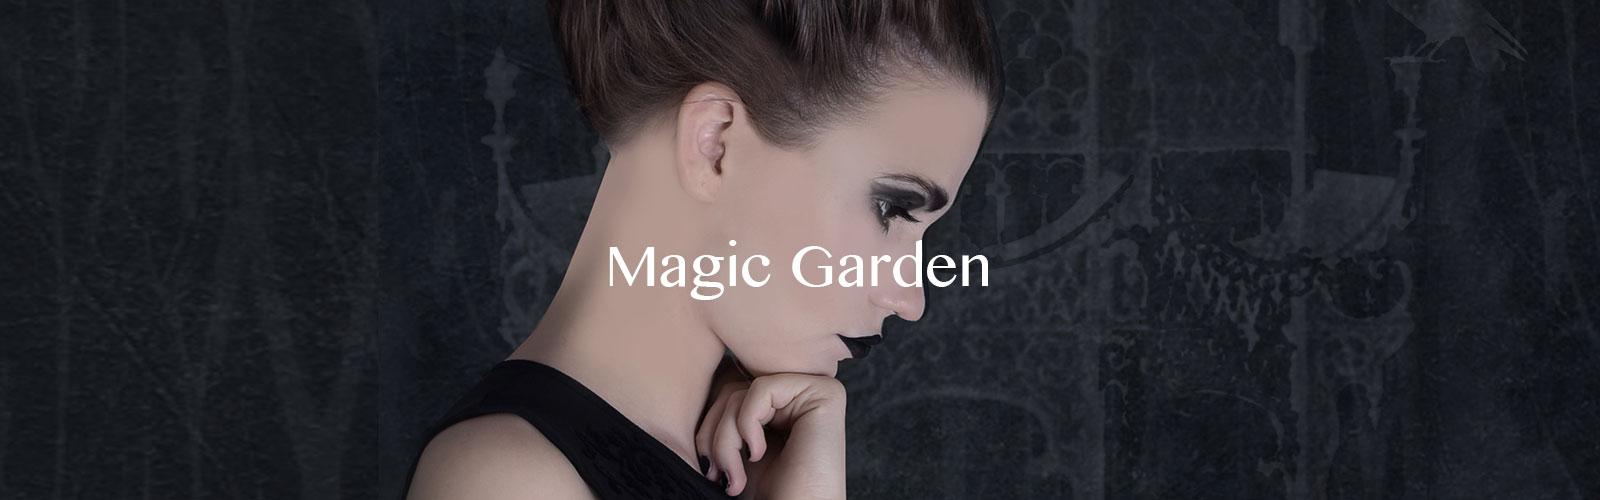 Magic-Garden-header-with-text